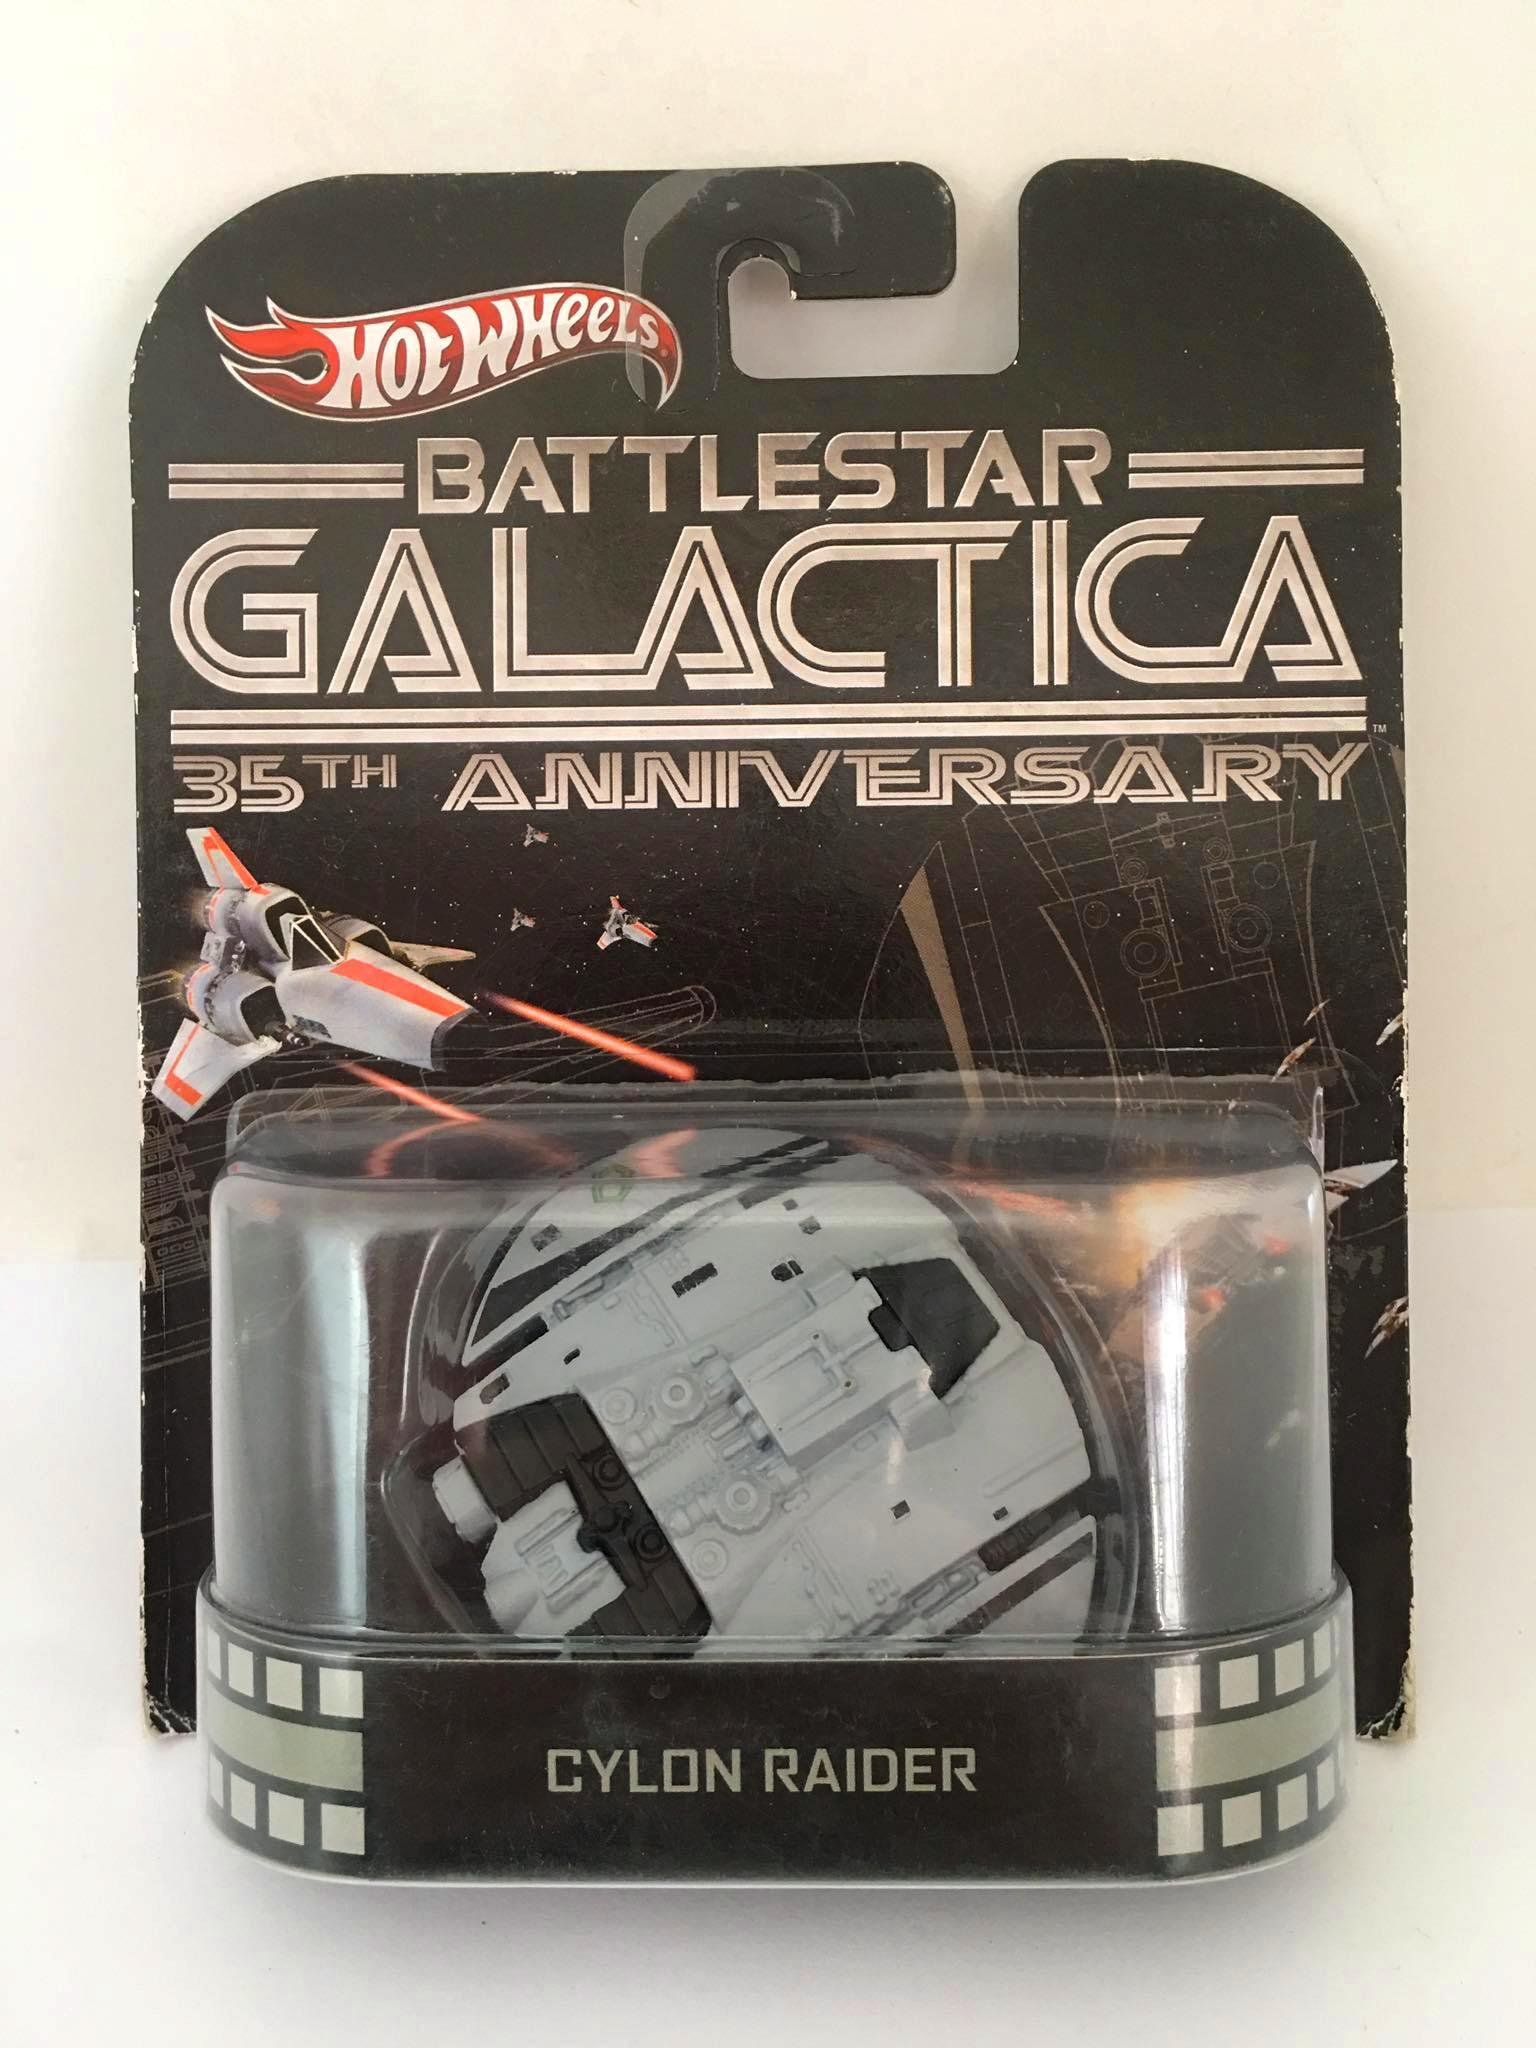 Hot Wheels - Cylon Raider - Battlestar Gallactica - 35th Anniversary - Leia Descrição